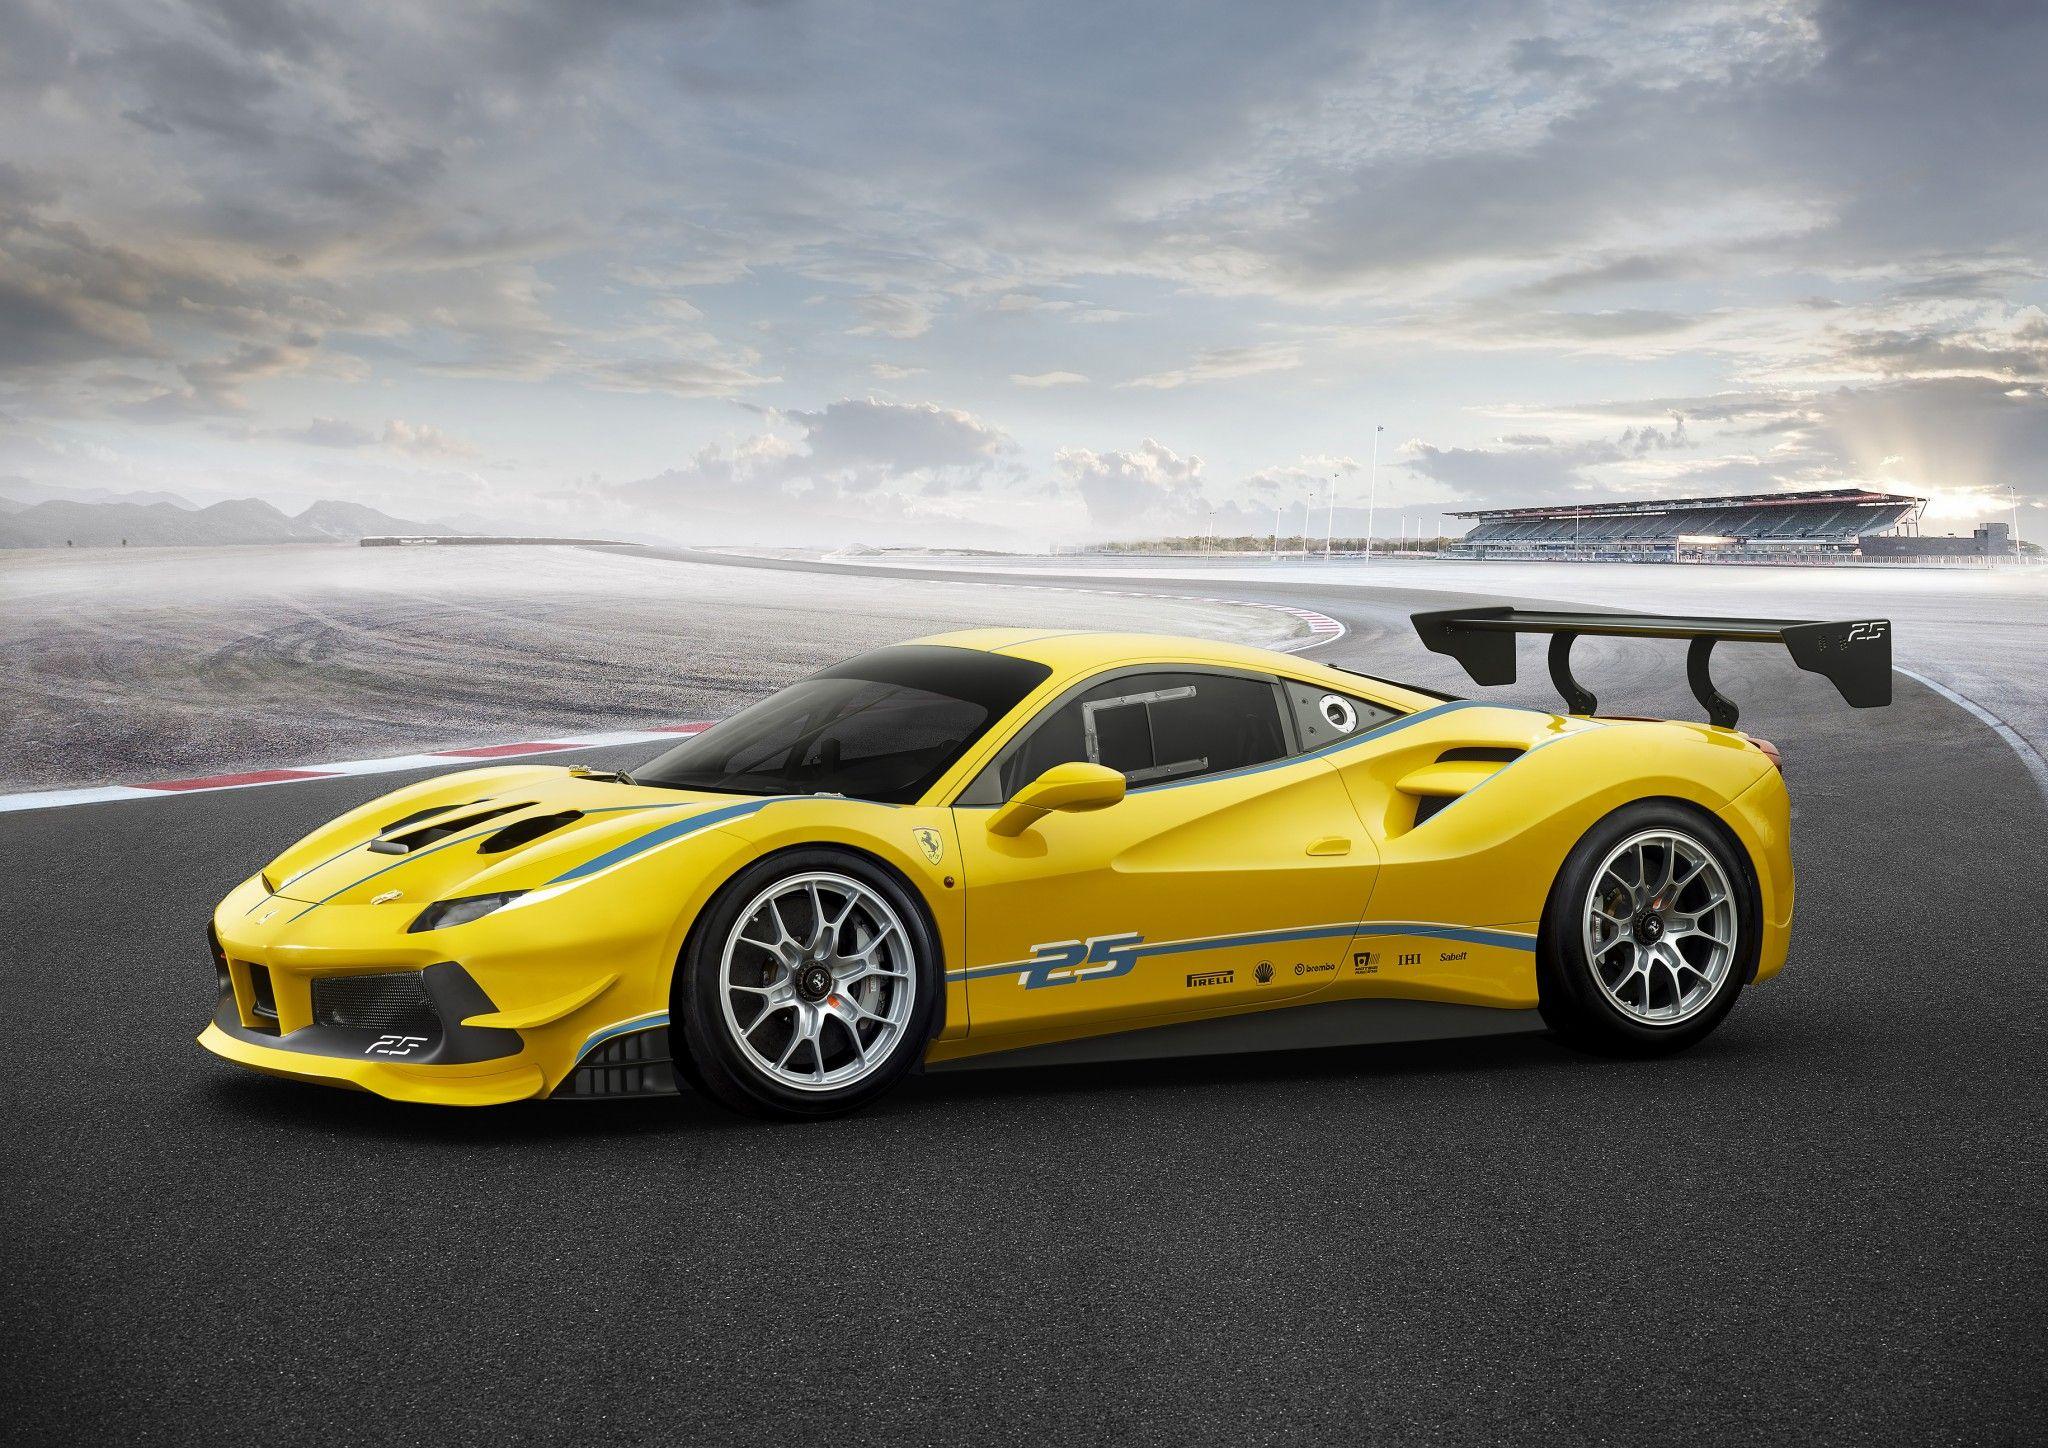 Ferrari Announces Unveils A New Challenge Racecar The 488 Challenge Ferrari 488 Ferrari Car New Ferrari